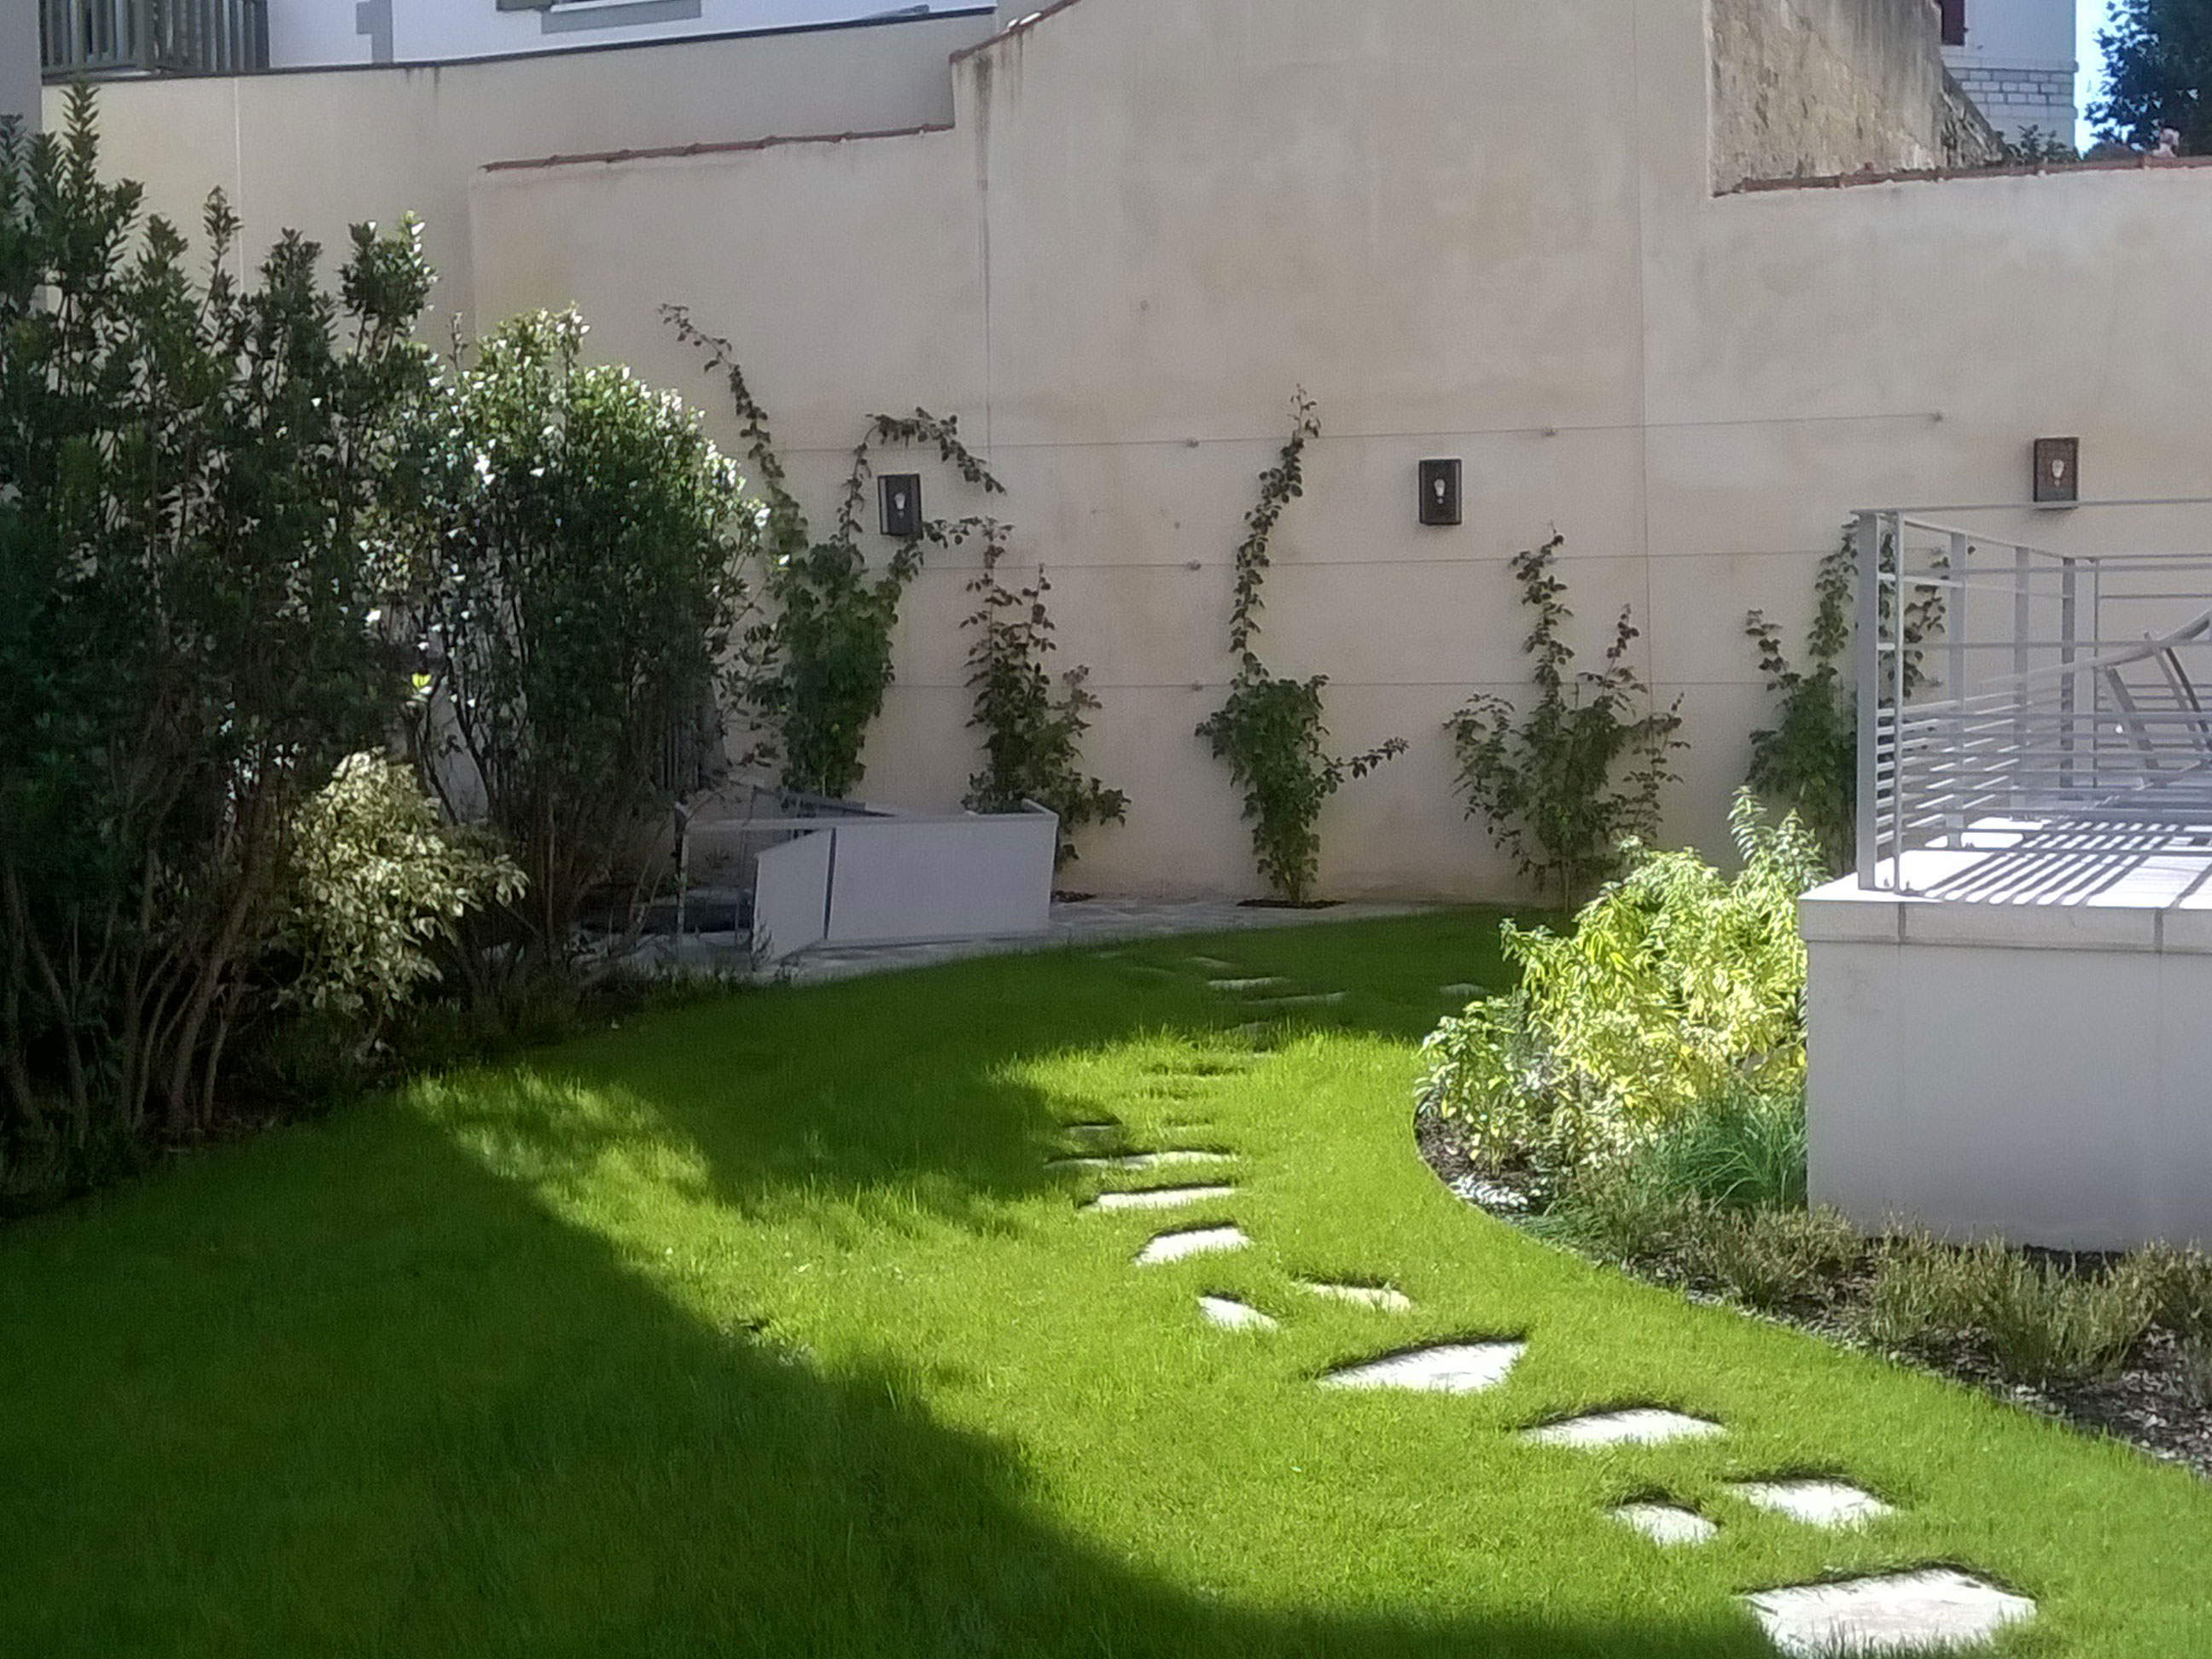 Floriparc jardin particulier Marion Cintré